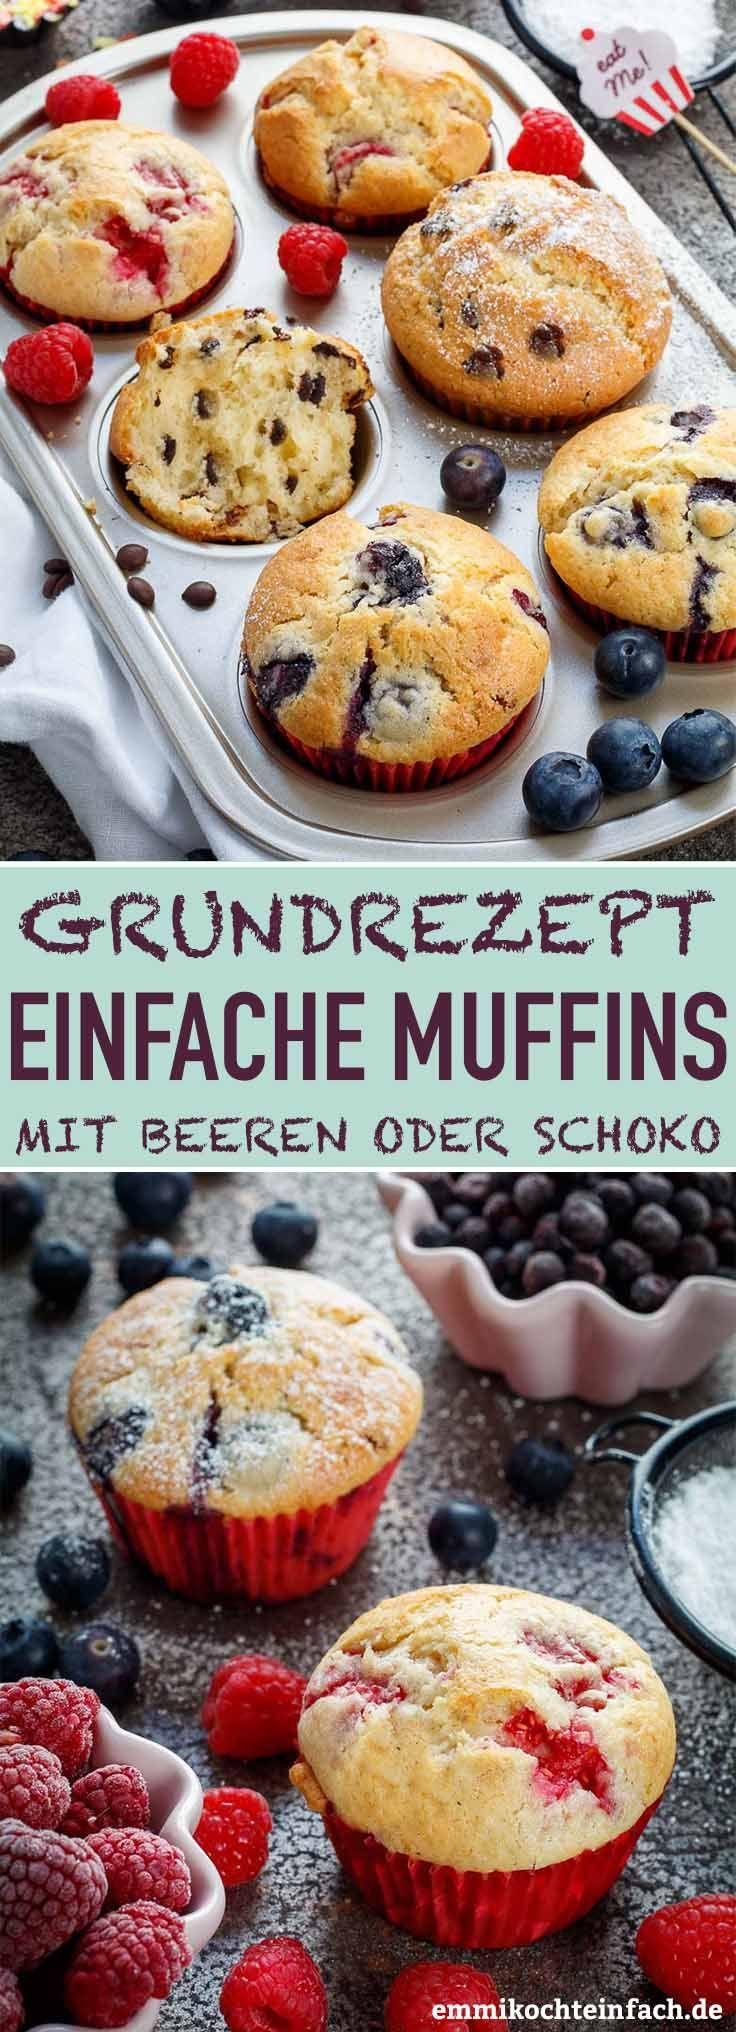 Muffins Grundrezept - so einfach und lecker - emmikochteinfach